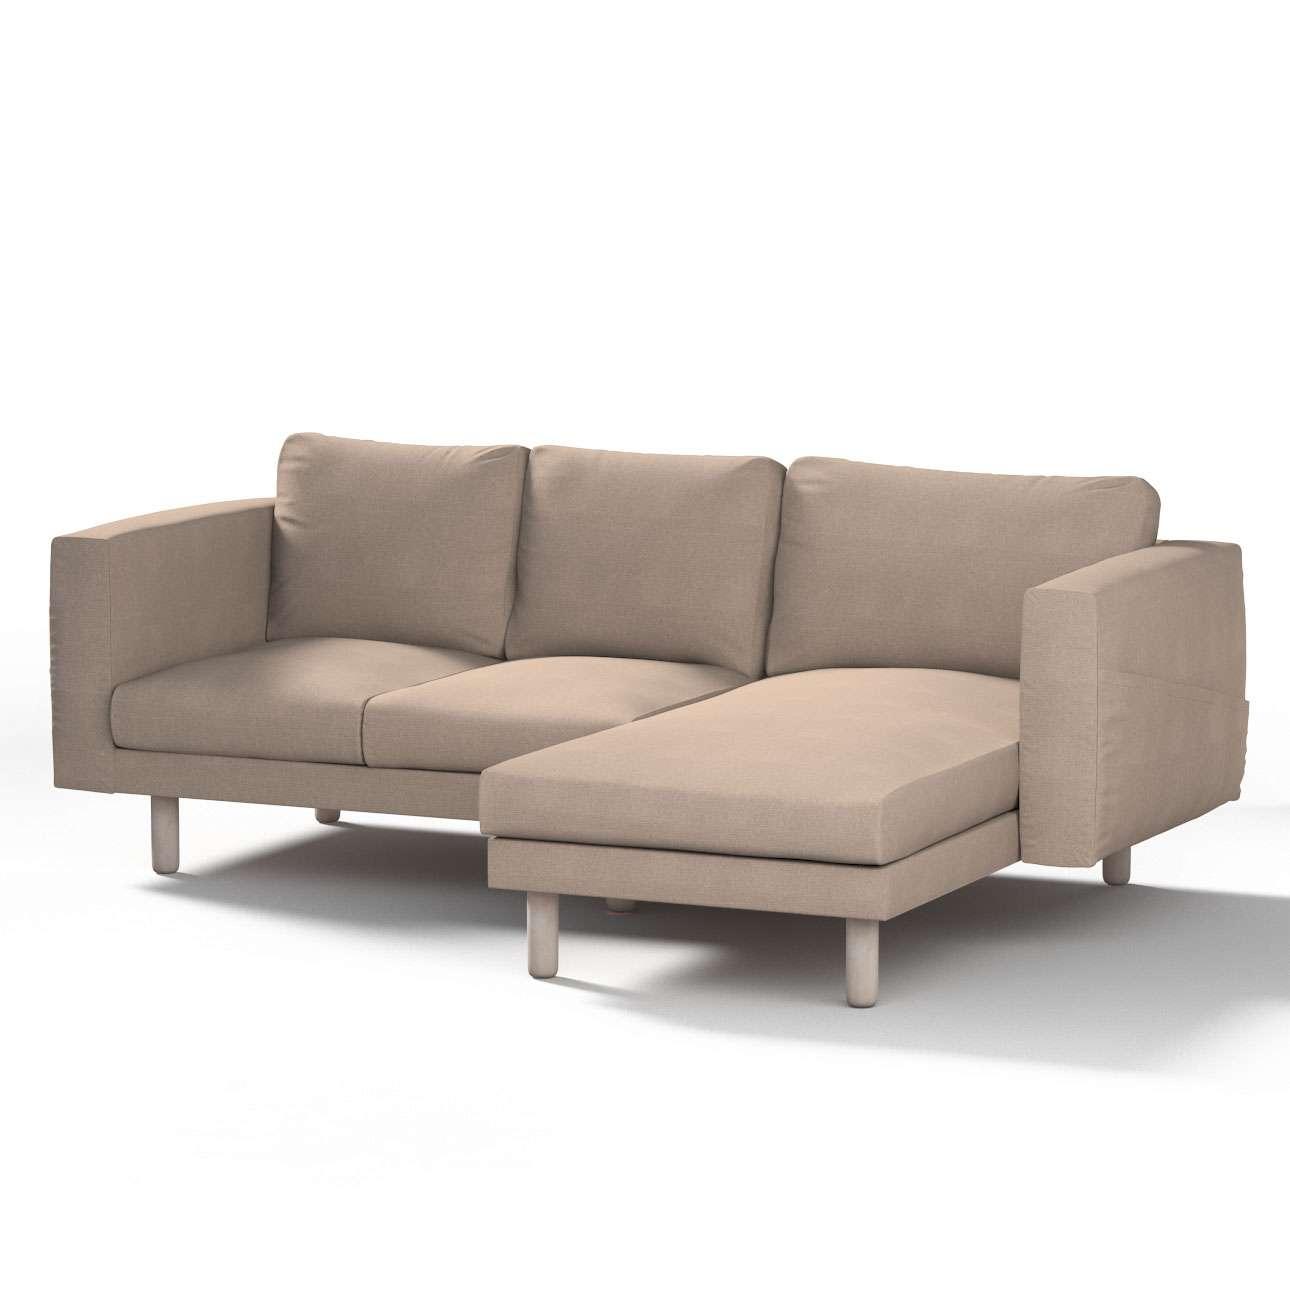 Pokrowiec na sofę Norsborg 3-osobową z szezlongiem w kolekcji Etna, tkanina: 705-09